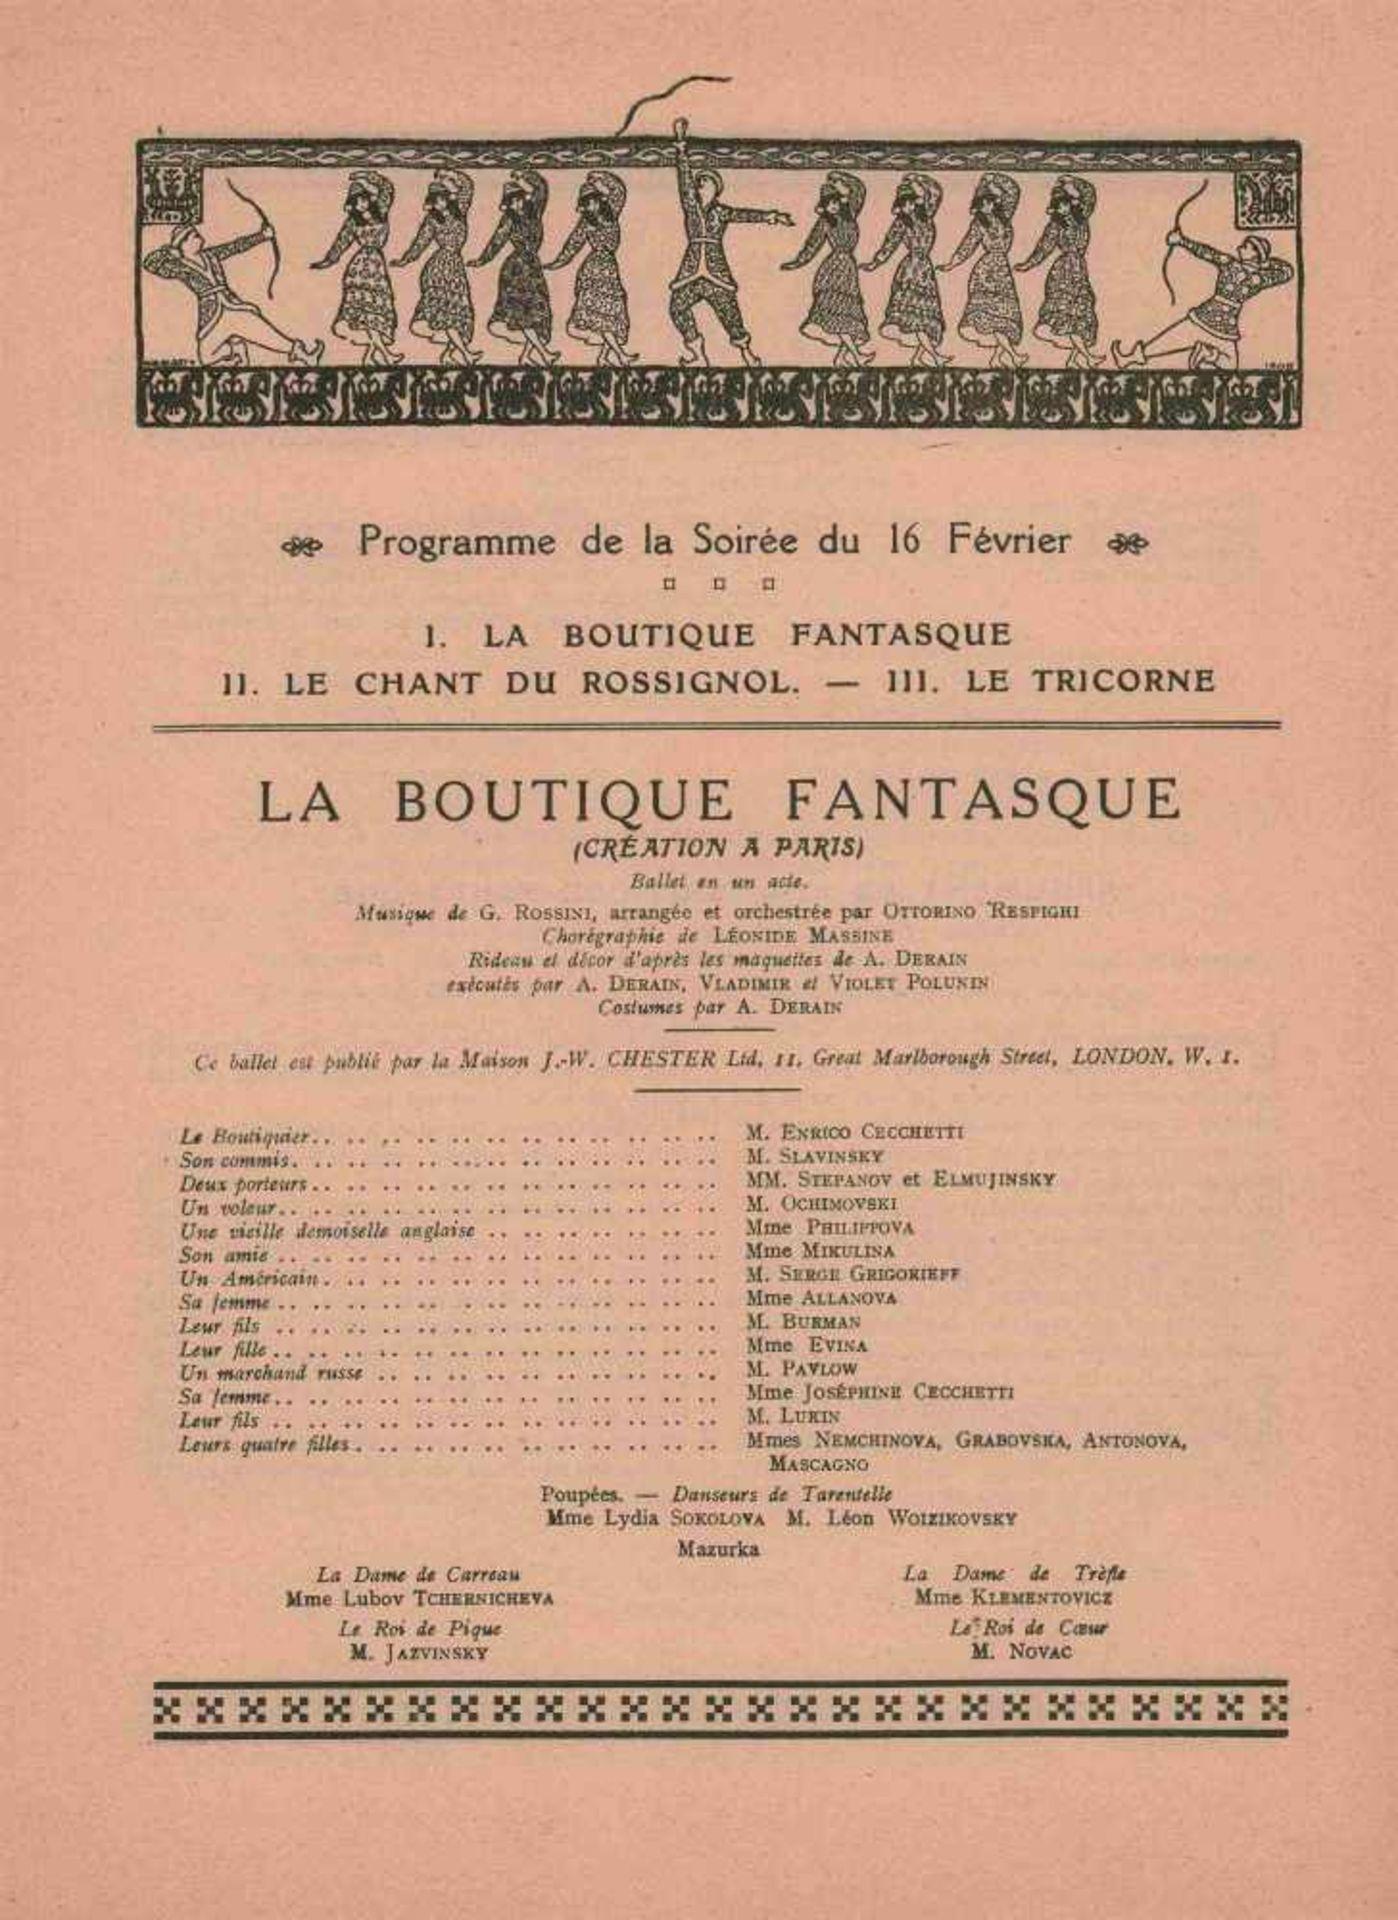 [BALLETS RUSSES, BAKST, DERAIN, MARTY, PICASSO] Ballets Russes in l'Opéra de Paris, 11. Saison, - Bild 2 aus 2